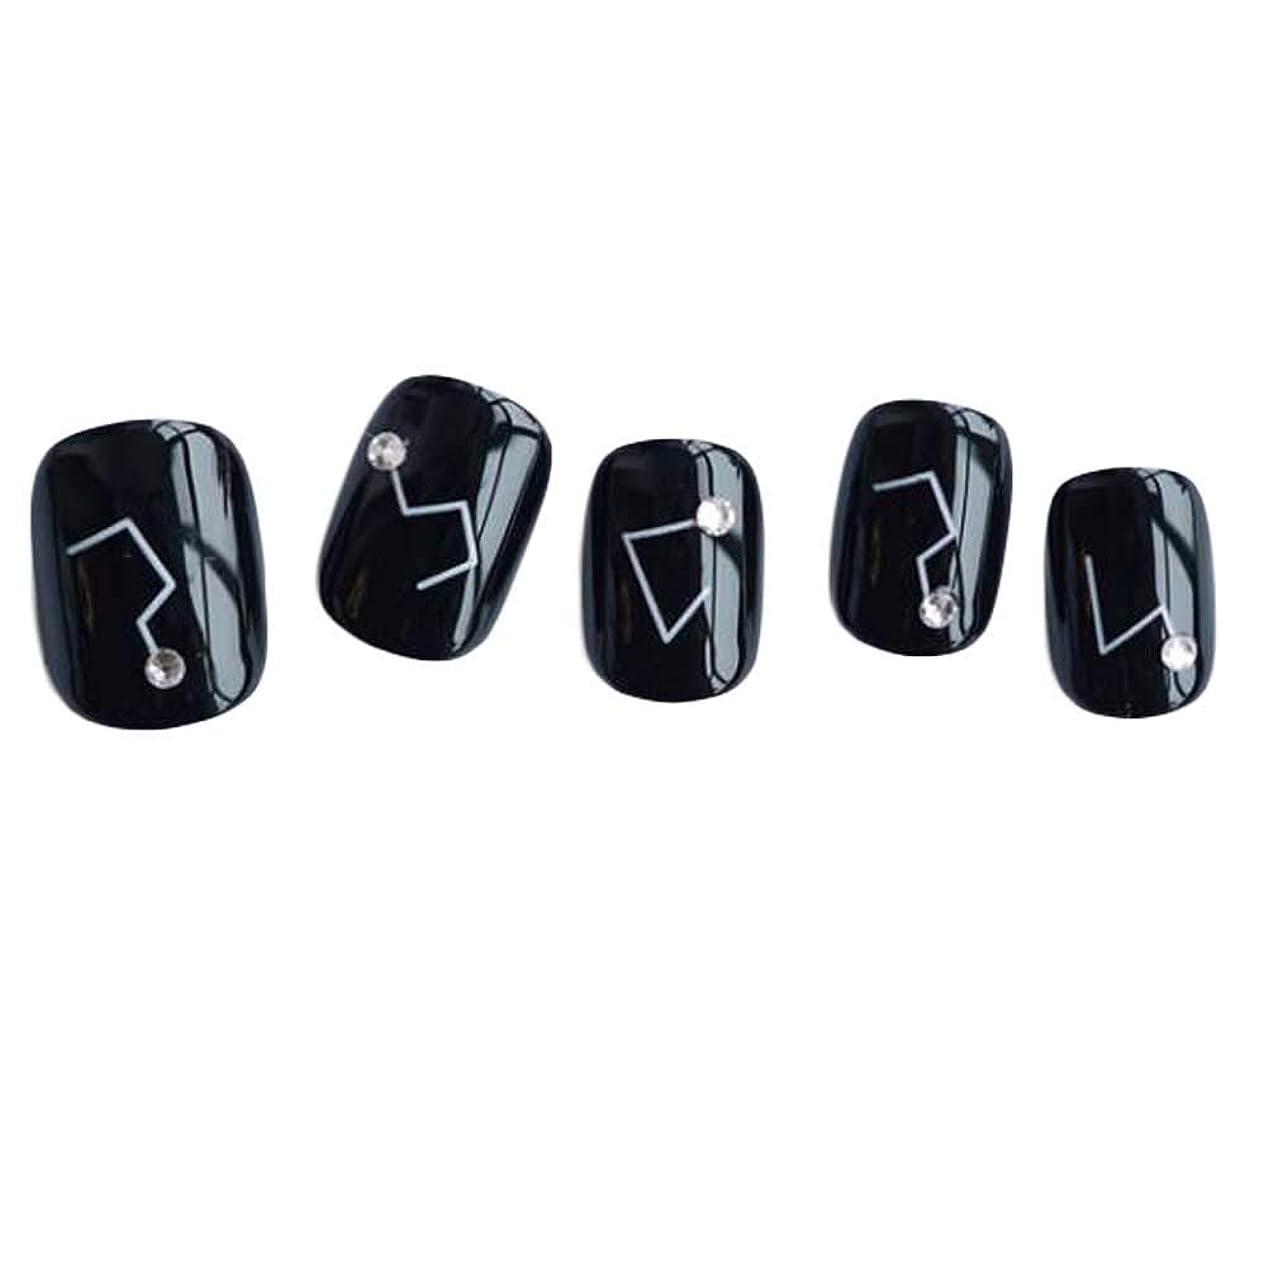 必要ない運動する急流星座 - 黒い短い偽の指爪人工爪の装飾の爪のヒント